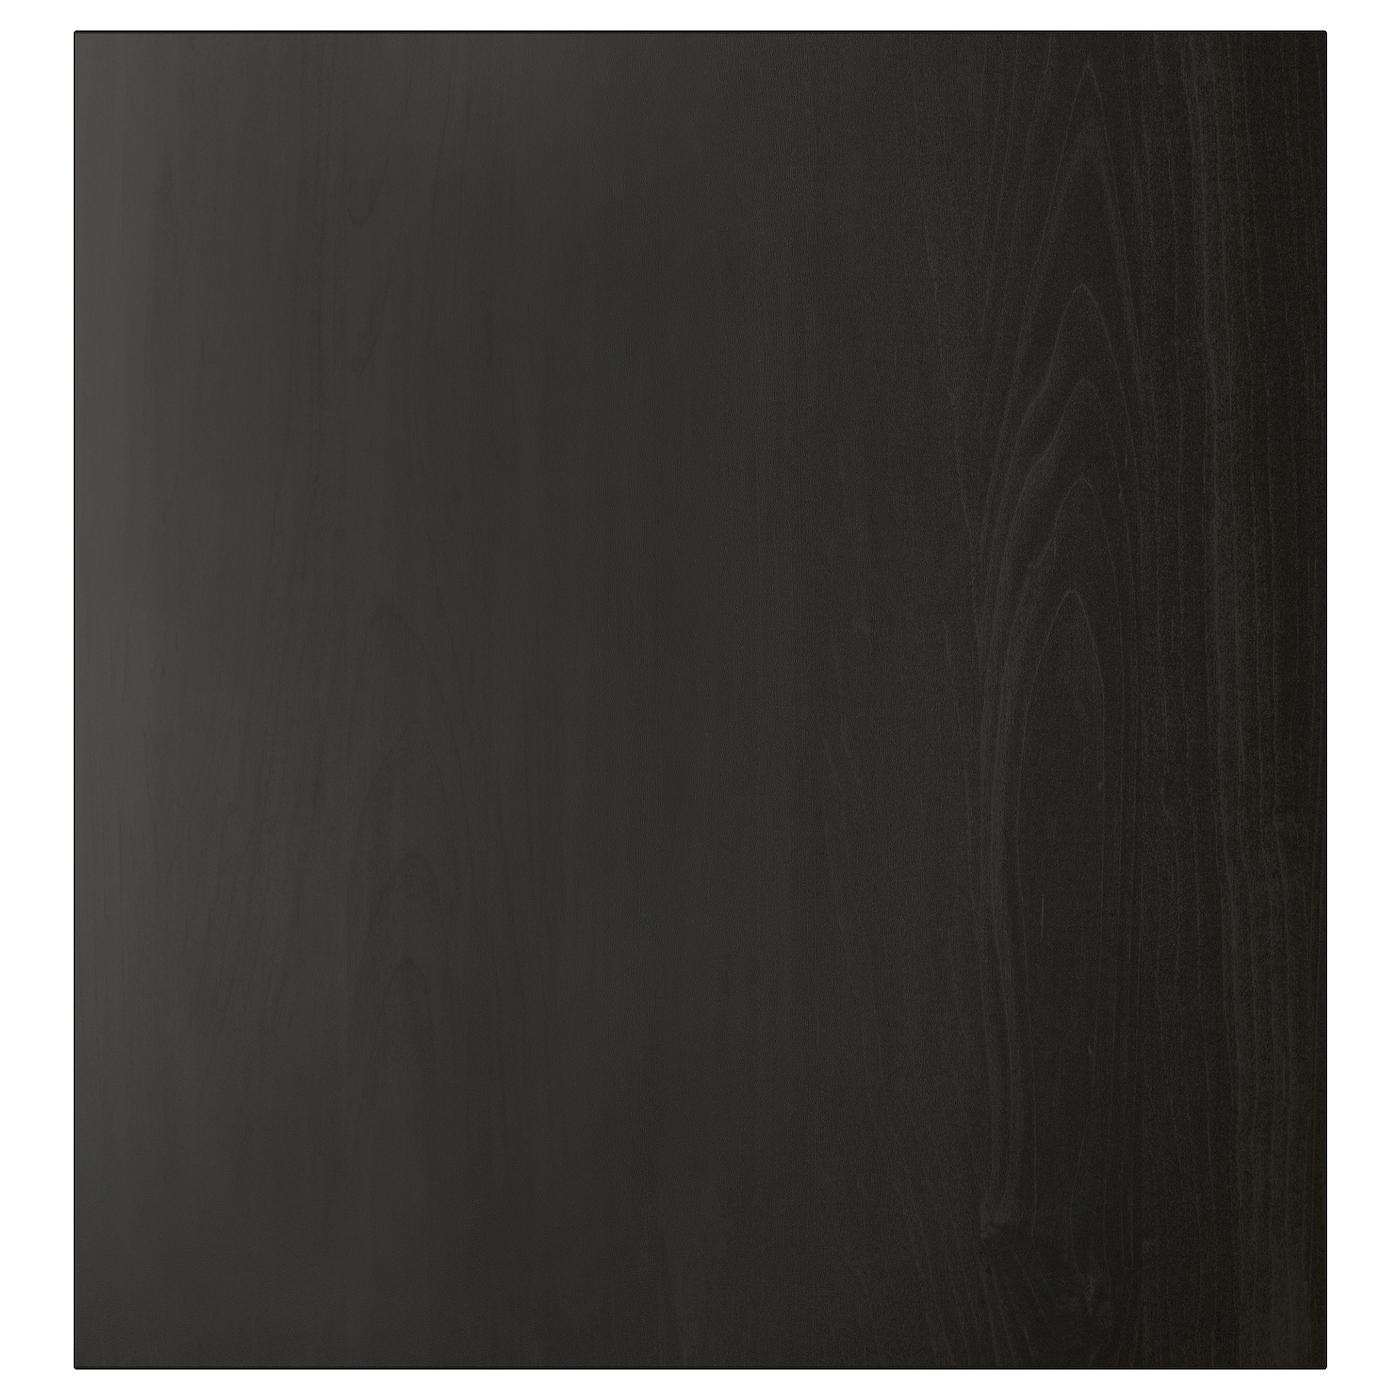 LAPPVIKEN, Tür, schwarzbraun, 802.916.70